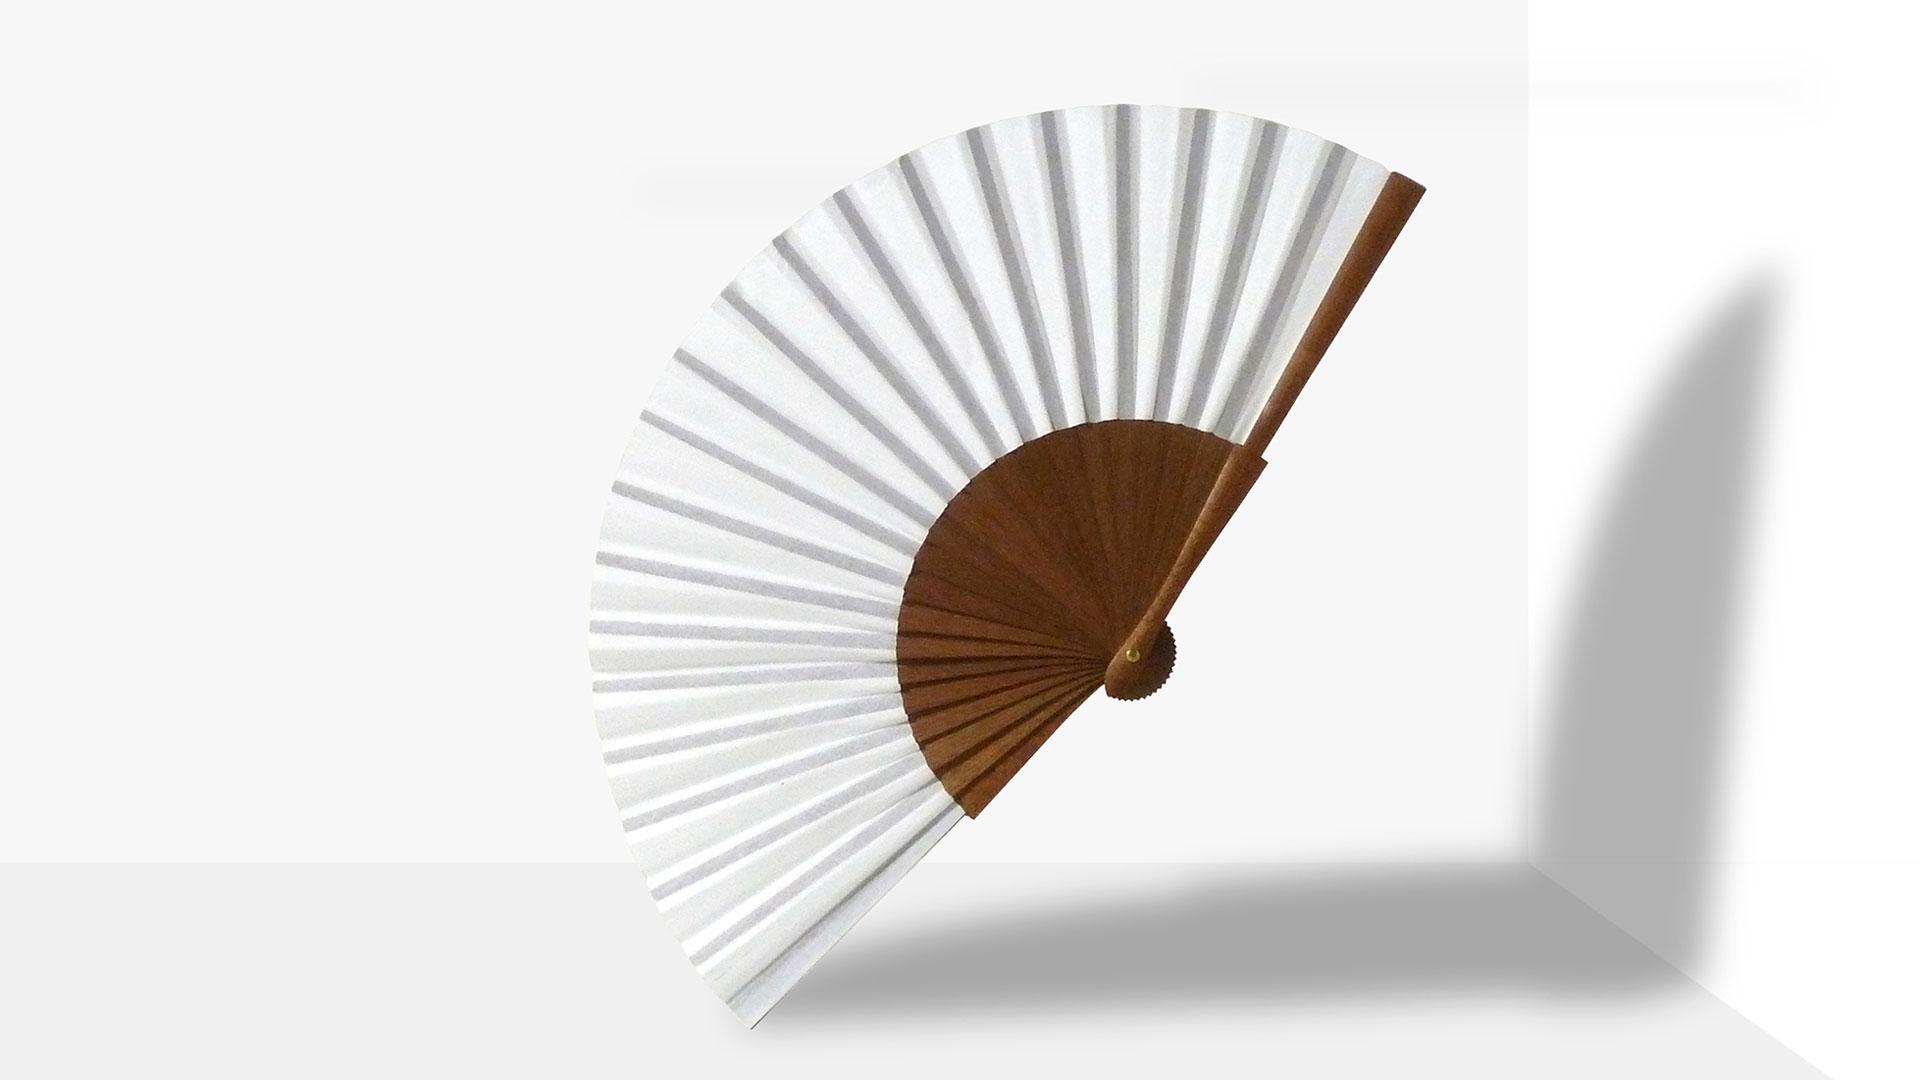 Pleat Brand hand fan in white.